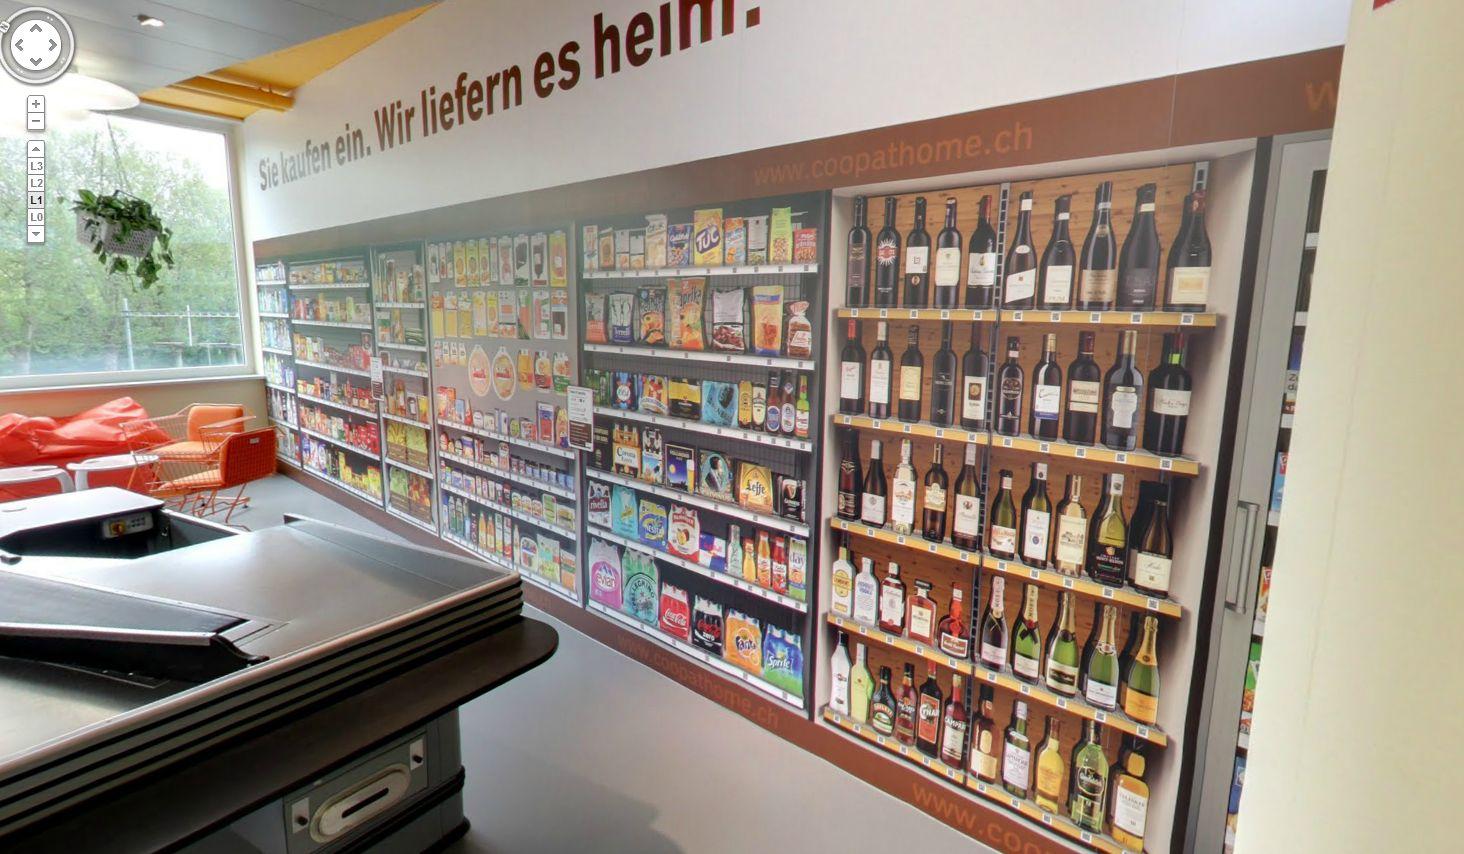 Der virtuelle Coop-Supermarkt bei Google in Zürich. (Quelle: Google Maps)